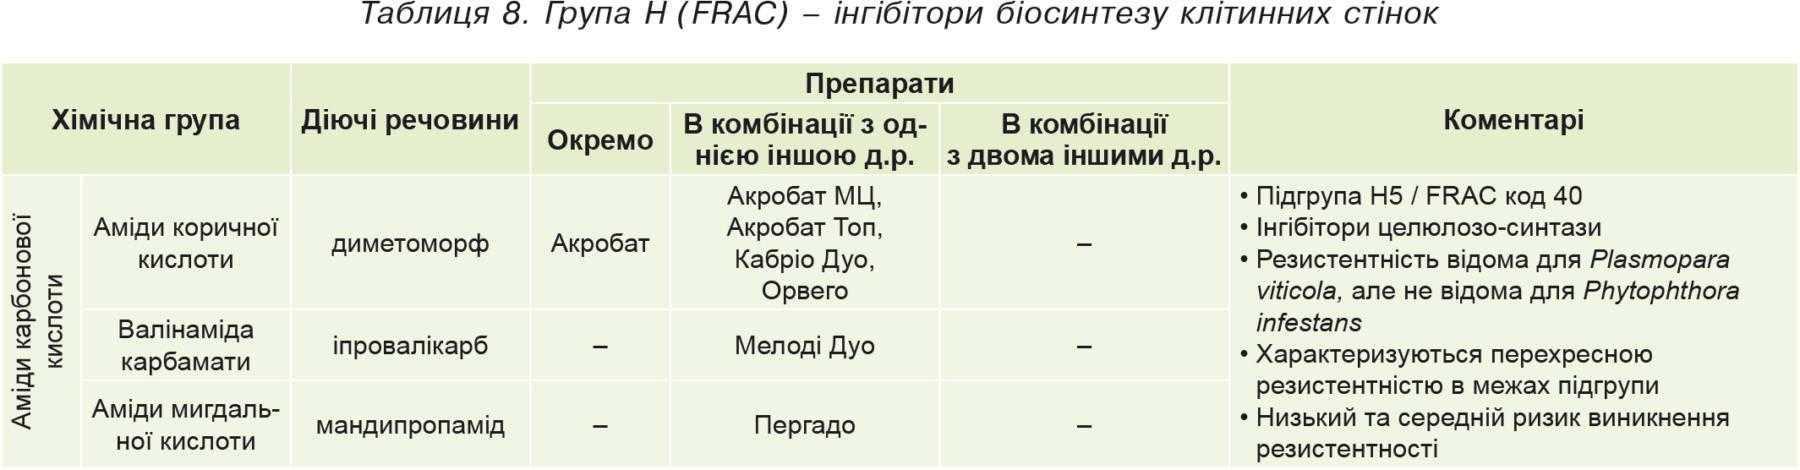 Таблиця8. Група Н (FRAC)– інгібітори біосинтезу клітинних стінок